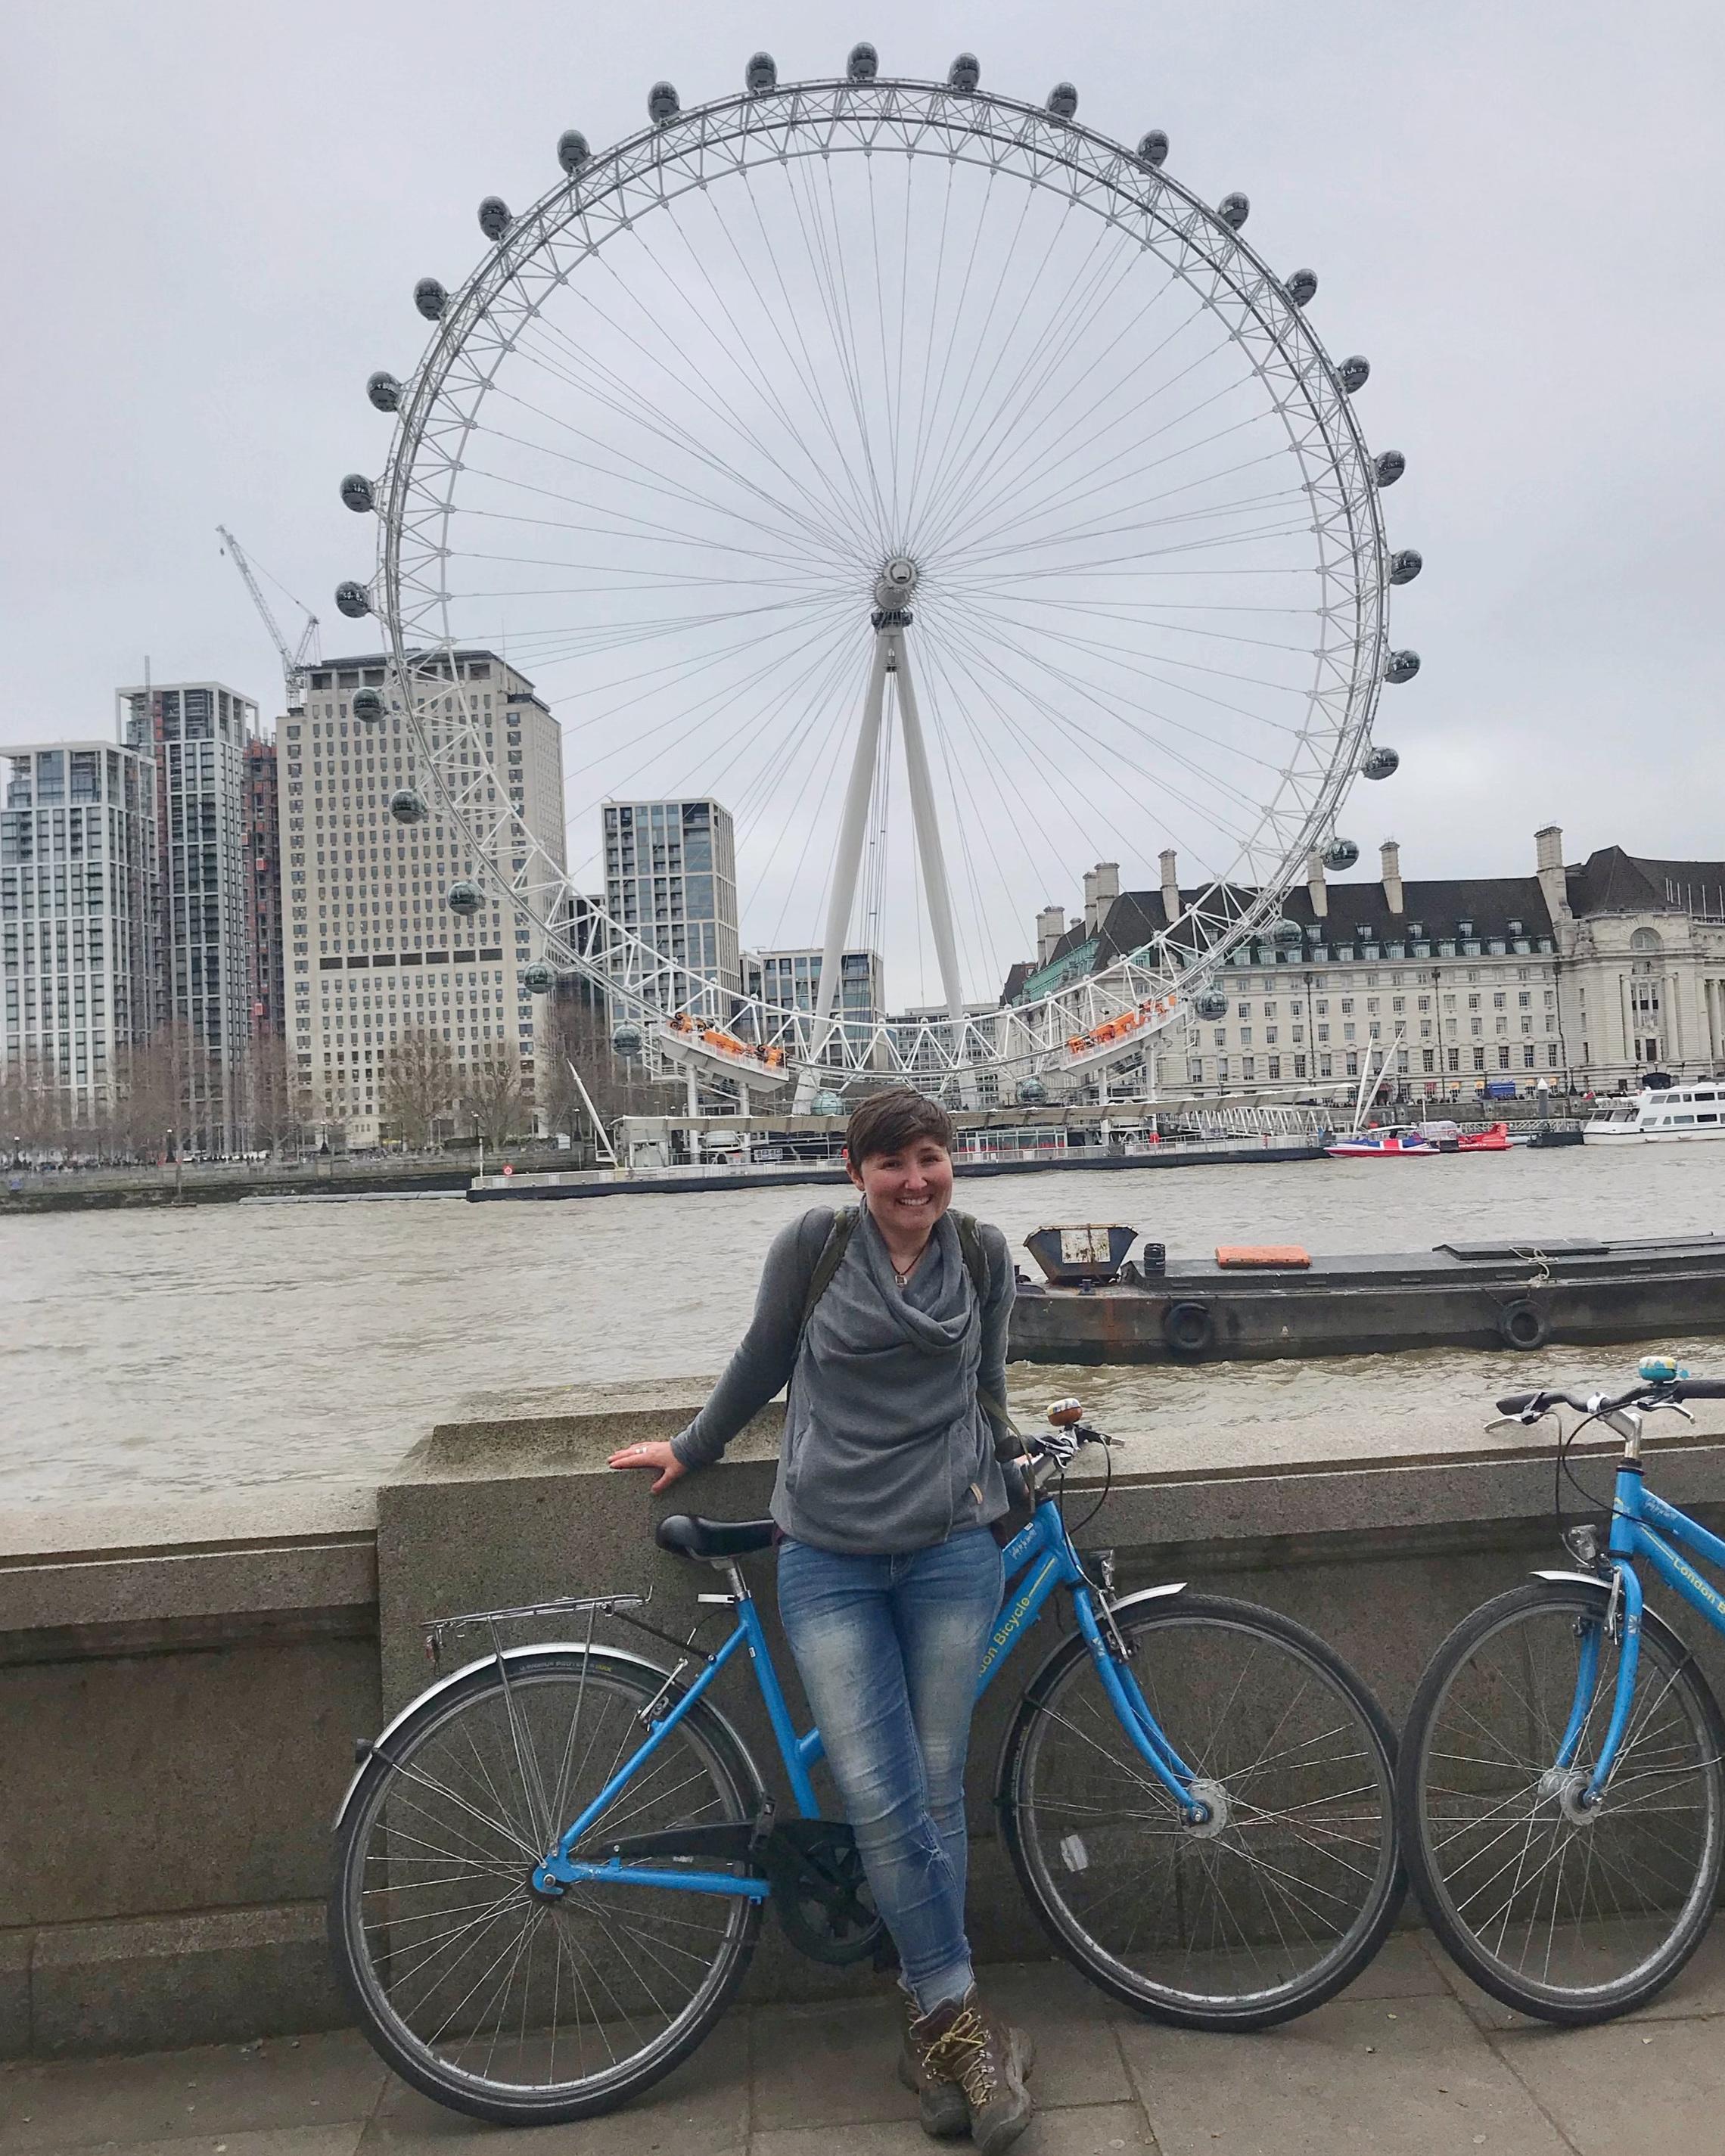 Visit London - London Eye